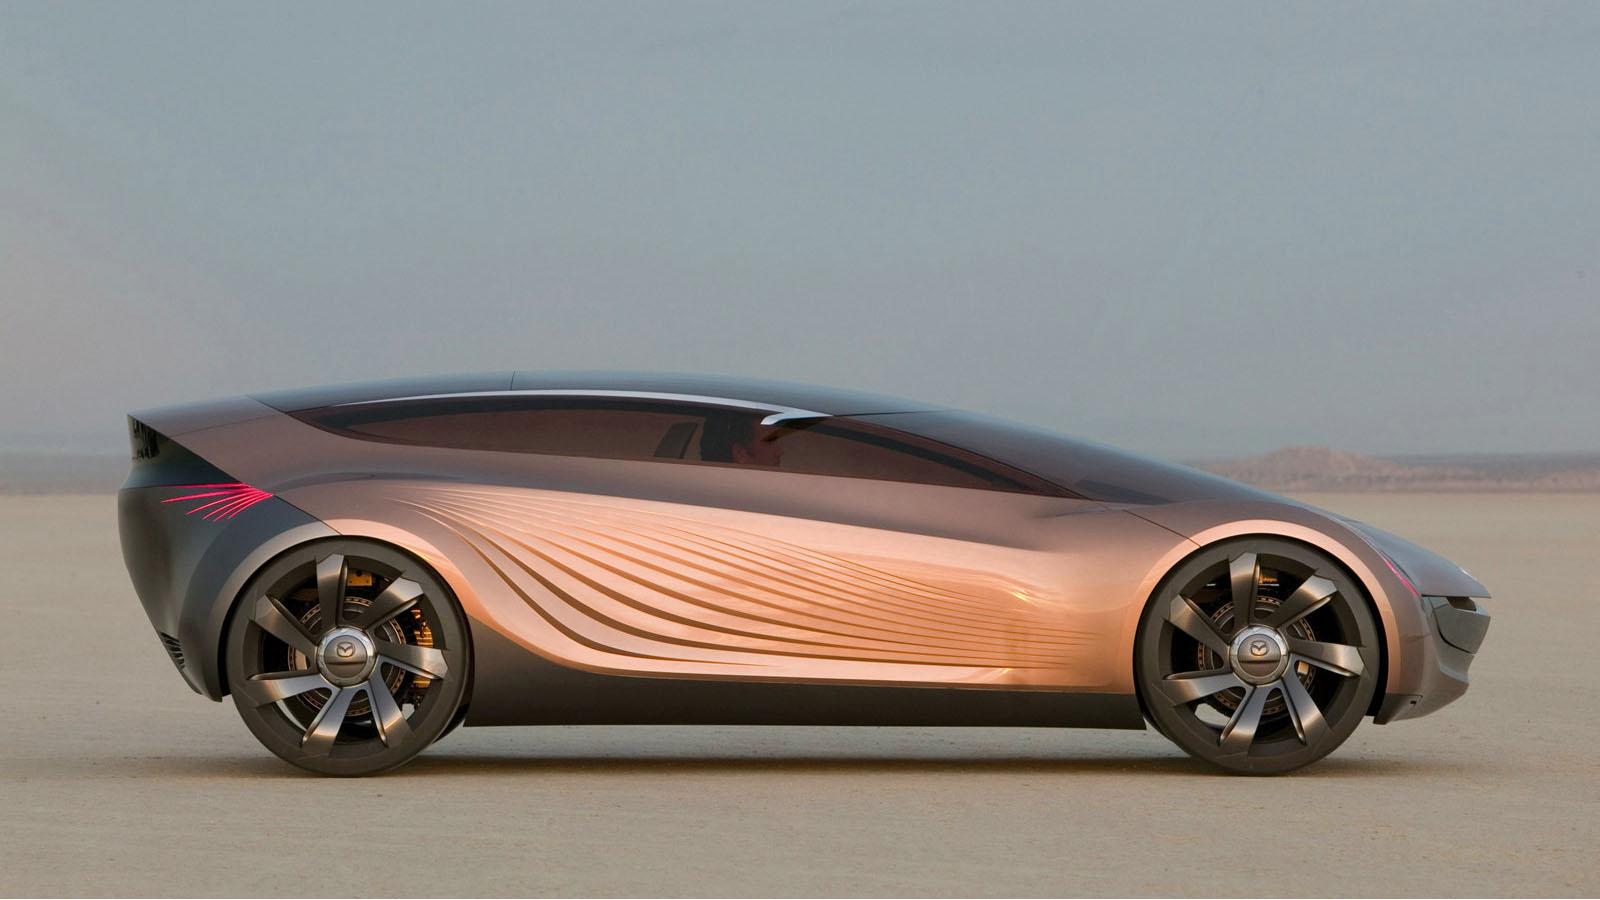 Mazda Nagare - Phong cách thiết kế dòng chảy